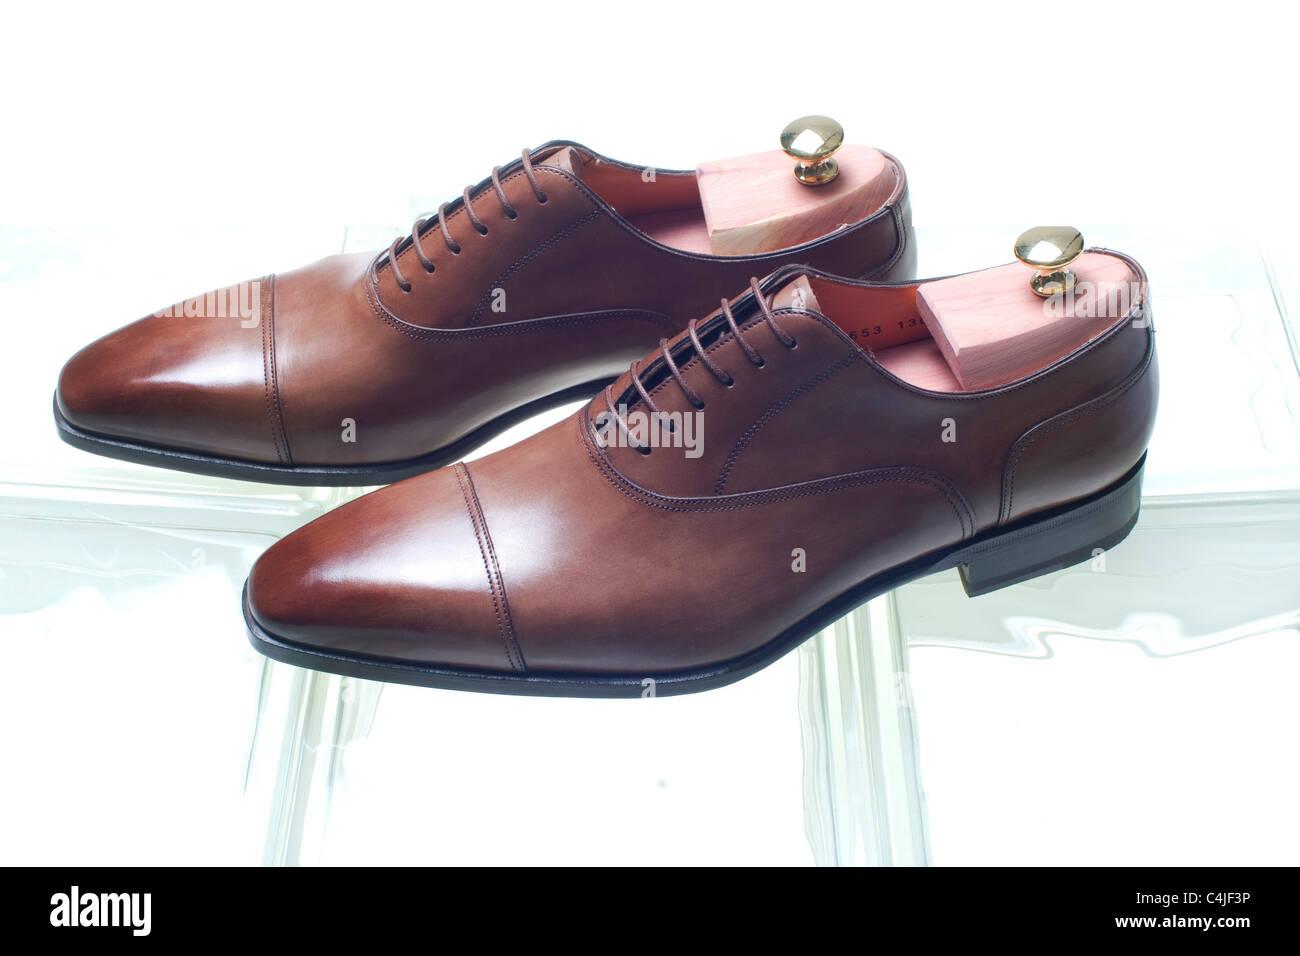 men's shoes - Stock Image